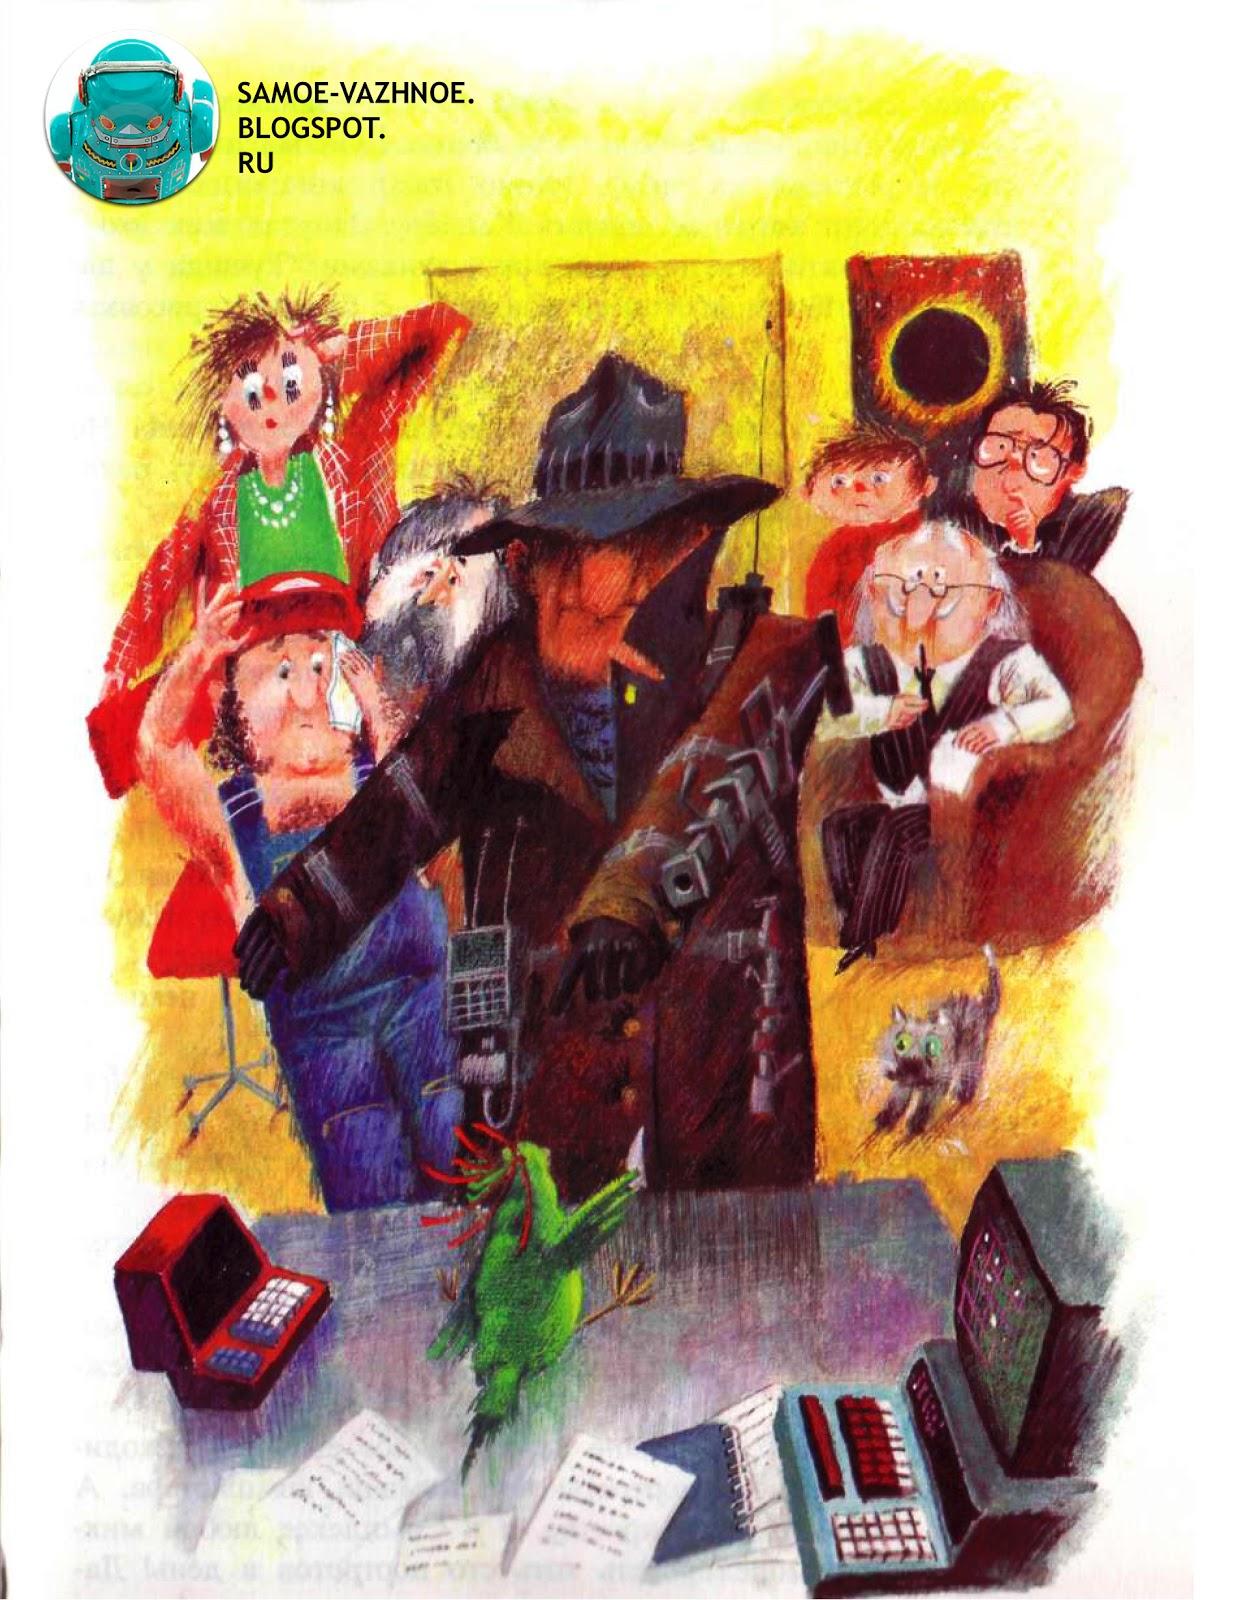 Зарецкий Труханов А я был в компьютерном городе Художники Десятник И Олейников 1990 год. А я был в компьютерном городе. Зарецкий Труханов А я был в компьютерном городе. А я был в компьютерном городе книга СССР. А я был в компьютерном городе книга СССР, советская. Зарецкий Труханов А я был в компьютерном городе сказка СССР Обложка синяя, серая, грязная, мальчик попугай компьютер.  Книга про компьютеры 90-х перестройка информатика бейсик фортран мальчик Алёша, Тестик точка, Центральный процессор, художник журнала Трамвай СССР А я был в компьютерном городе. Книга про компьютеры 90-х перестройка информатика бейсик фортран мальчик Бейсик, Библик, Кашля, Профессор Фортран, Гусеничка, Гусеница, Воробей, Кот СССР А я был в компьютерном городе.